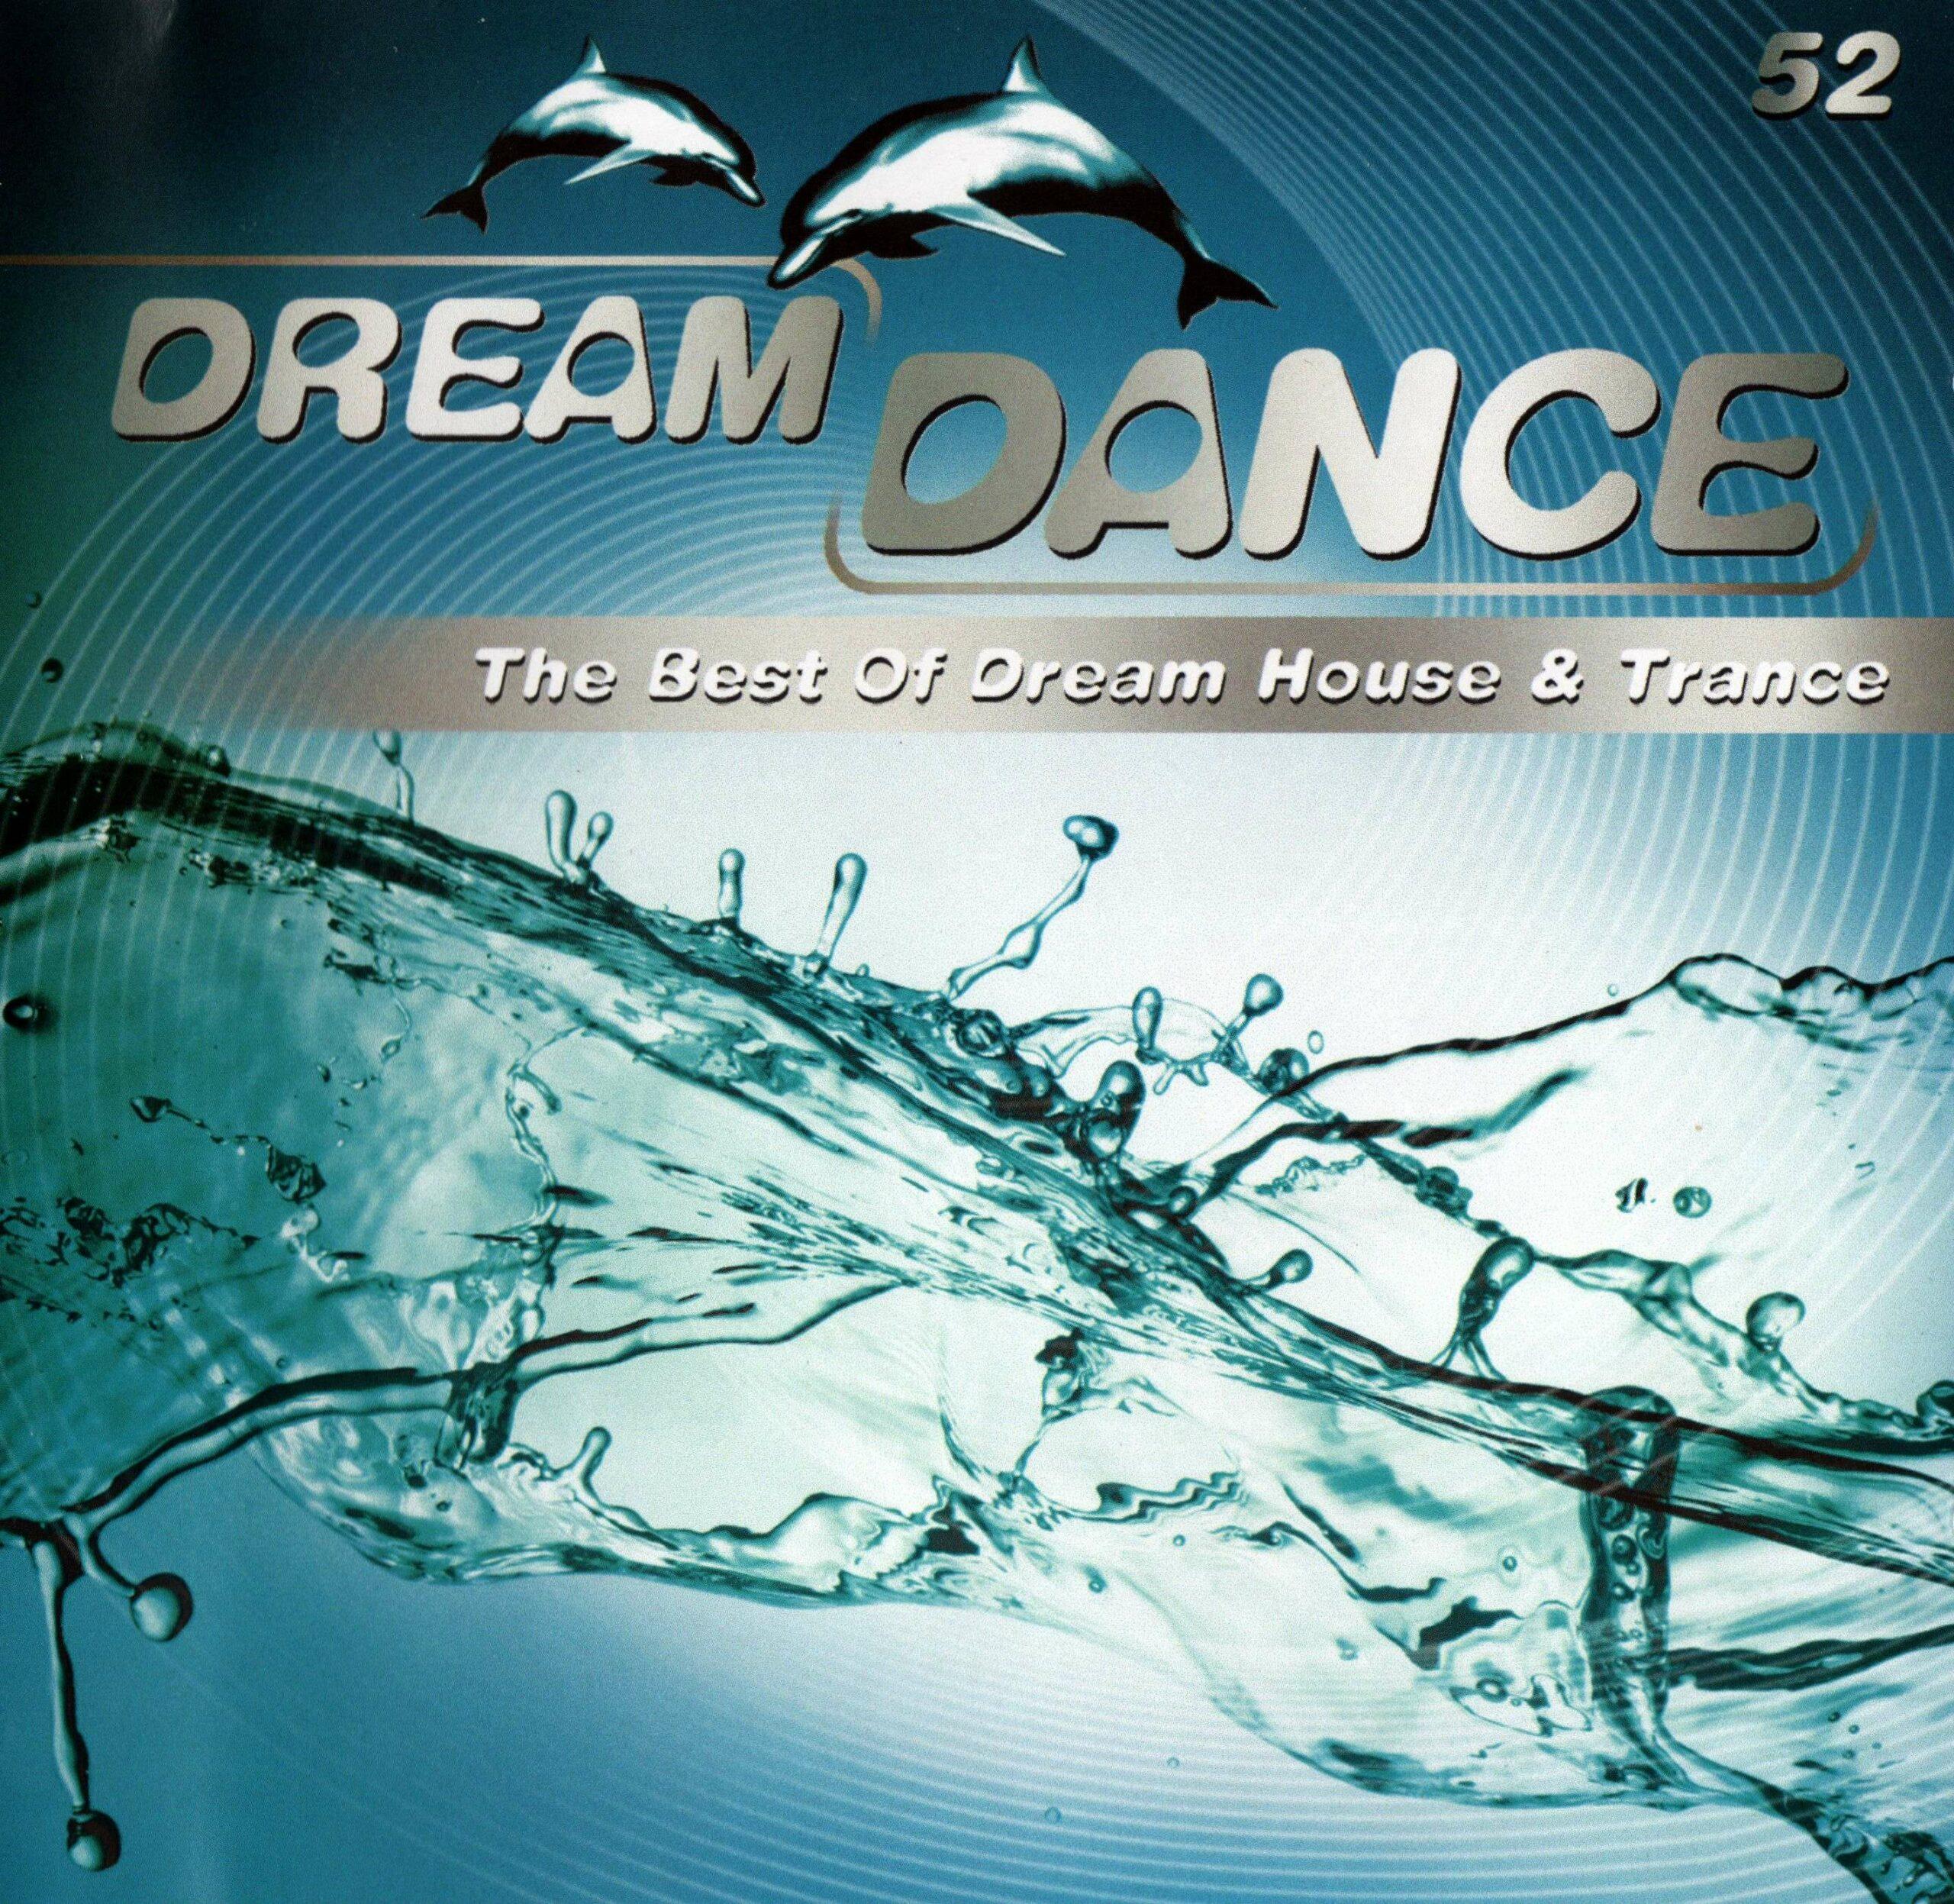 Sony Music《Dream Dance Vol. 52》[CD级无损/44.1kHz/16bit]